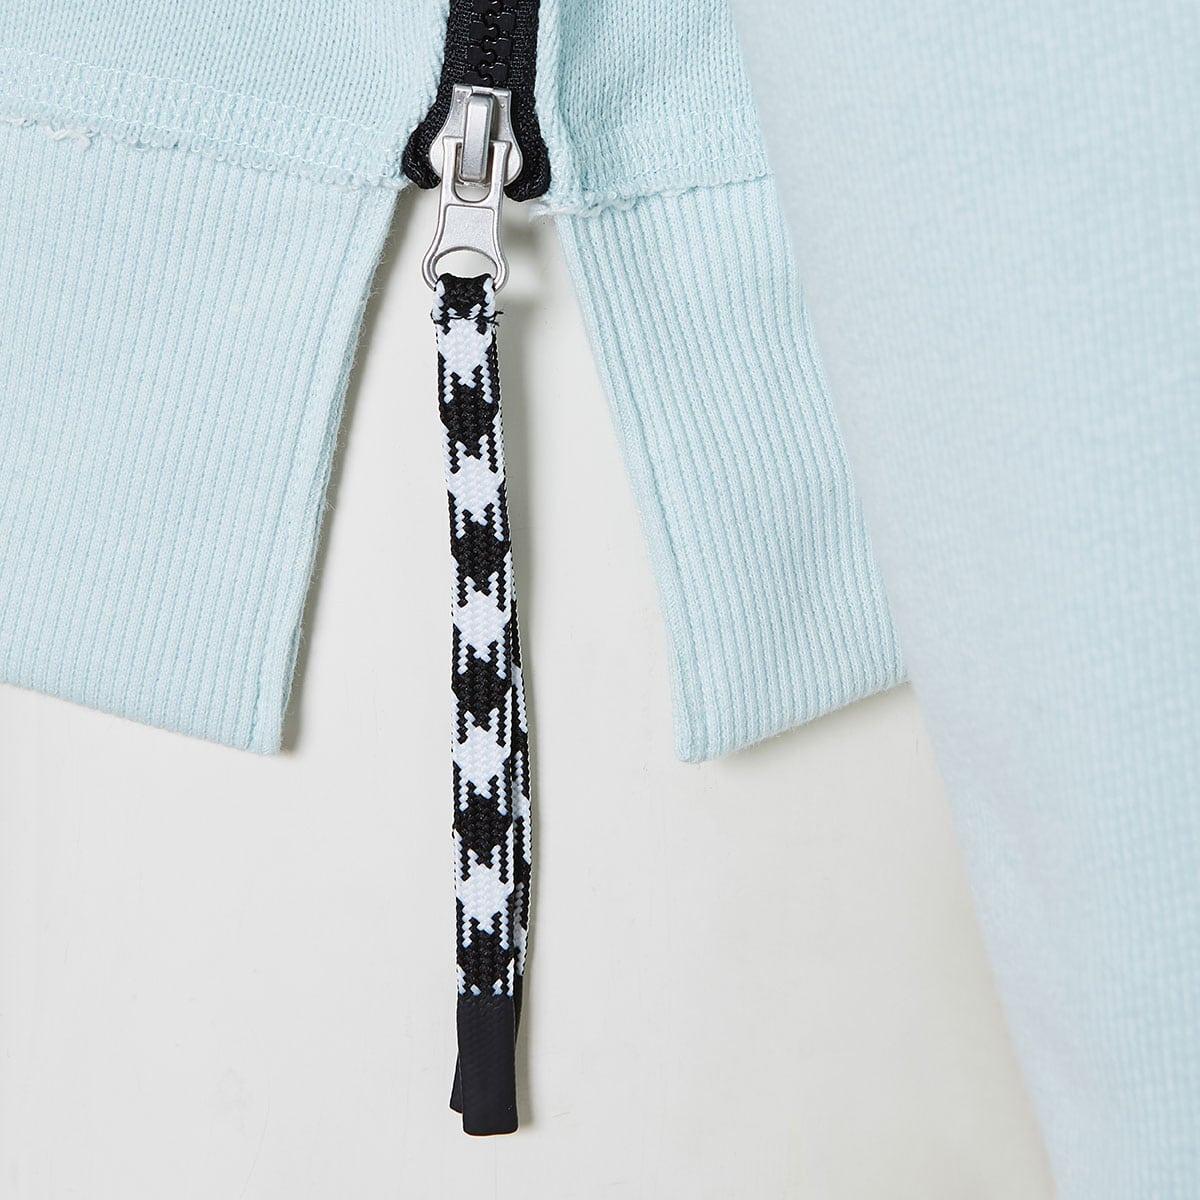 Sweatshirt with side zippers